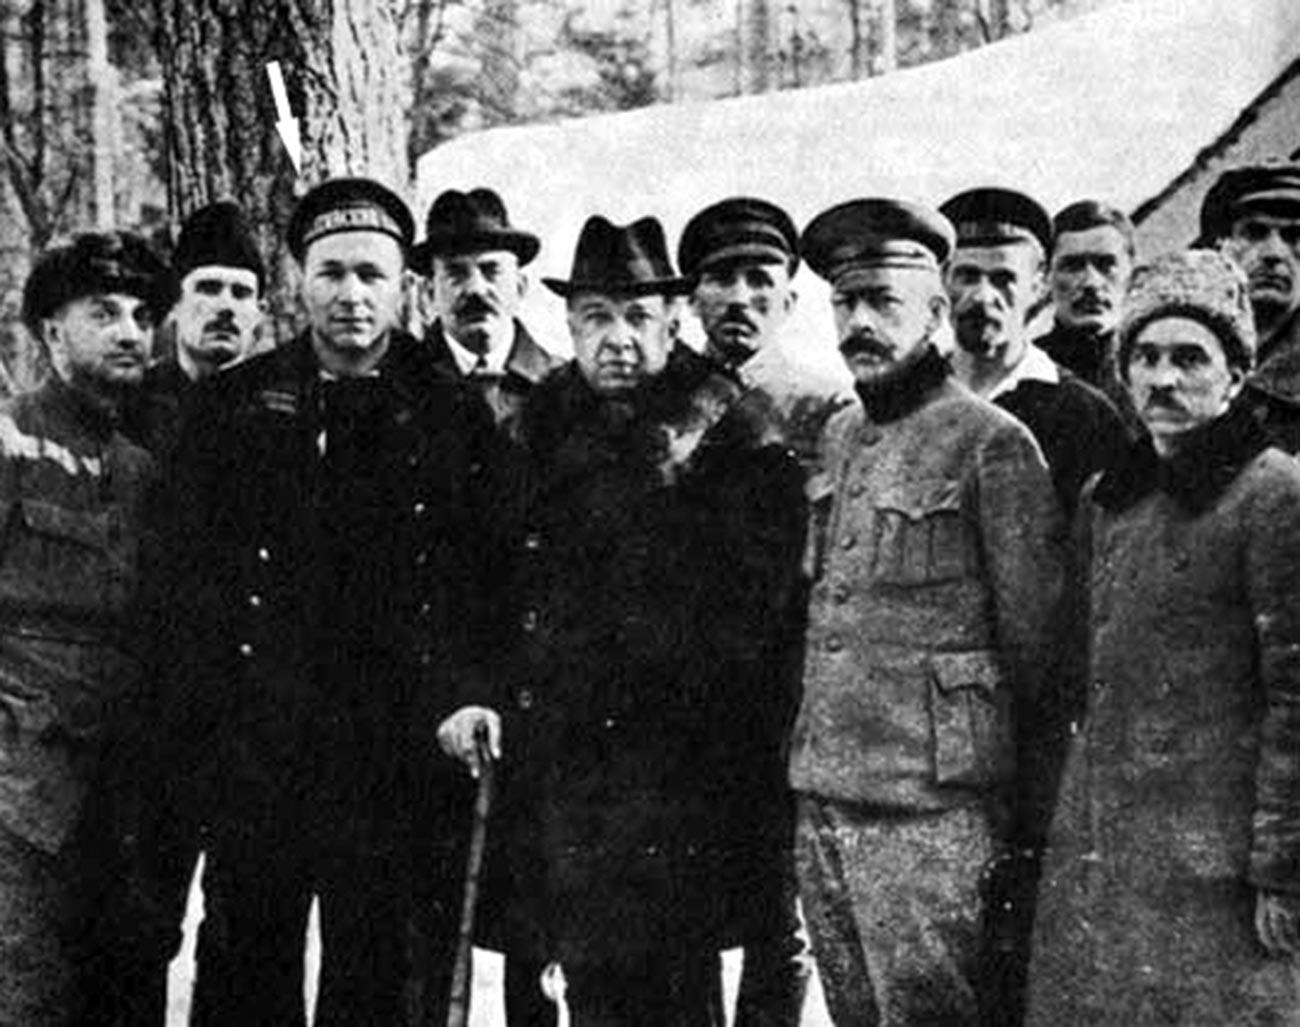 Stepan Petrichenko, leader della rivolta di Kronstadt, tra gli oppositori russi emigrati in Finlandia